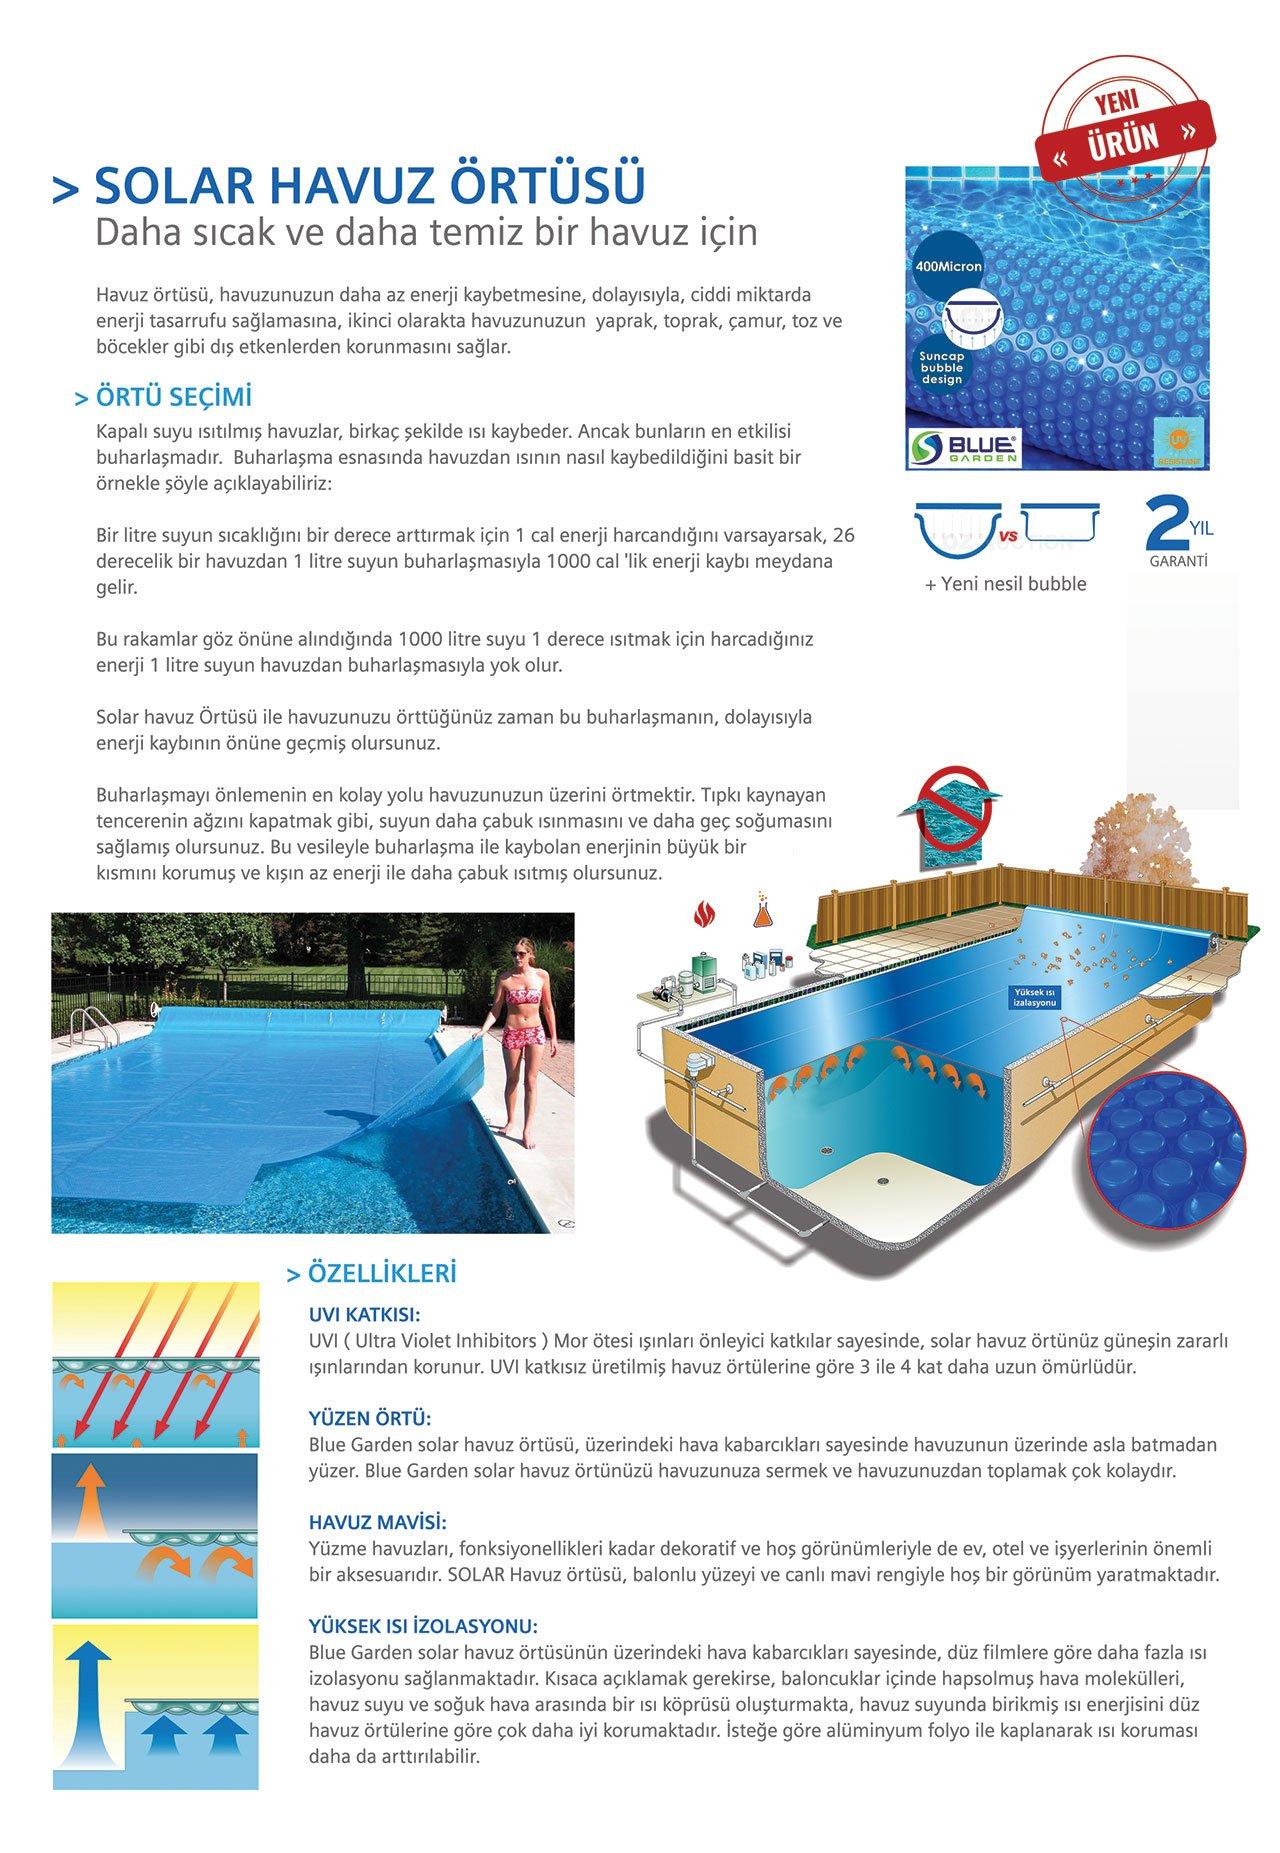 solar havuz ortusu detay - Solar Havuz Örtüsü (Yazlık)